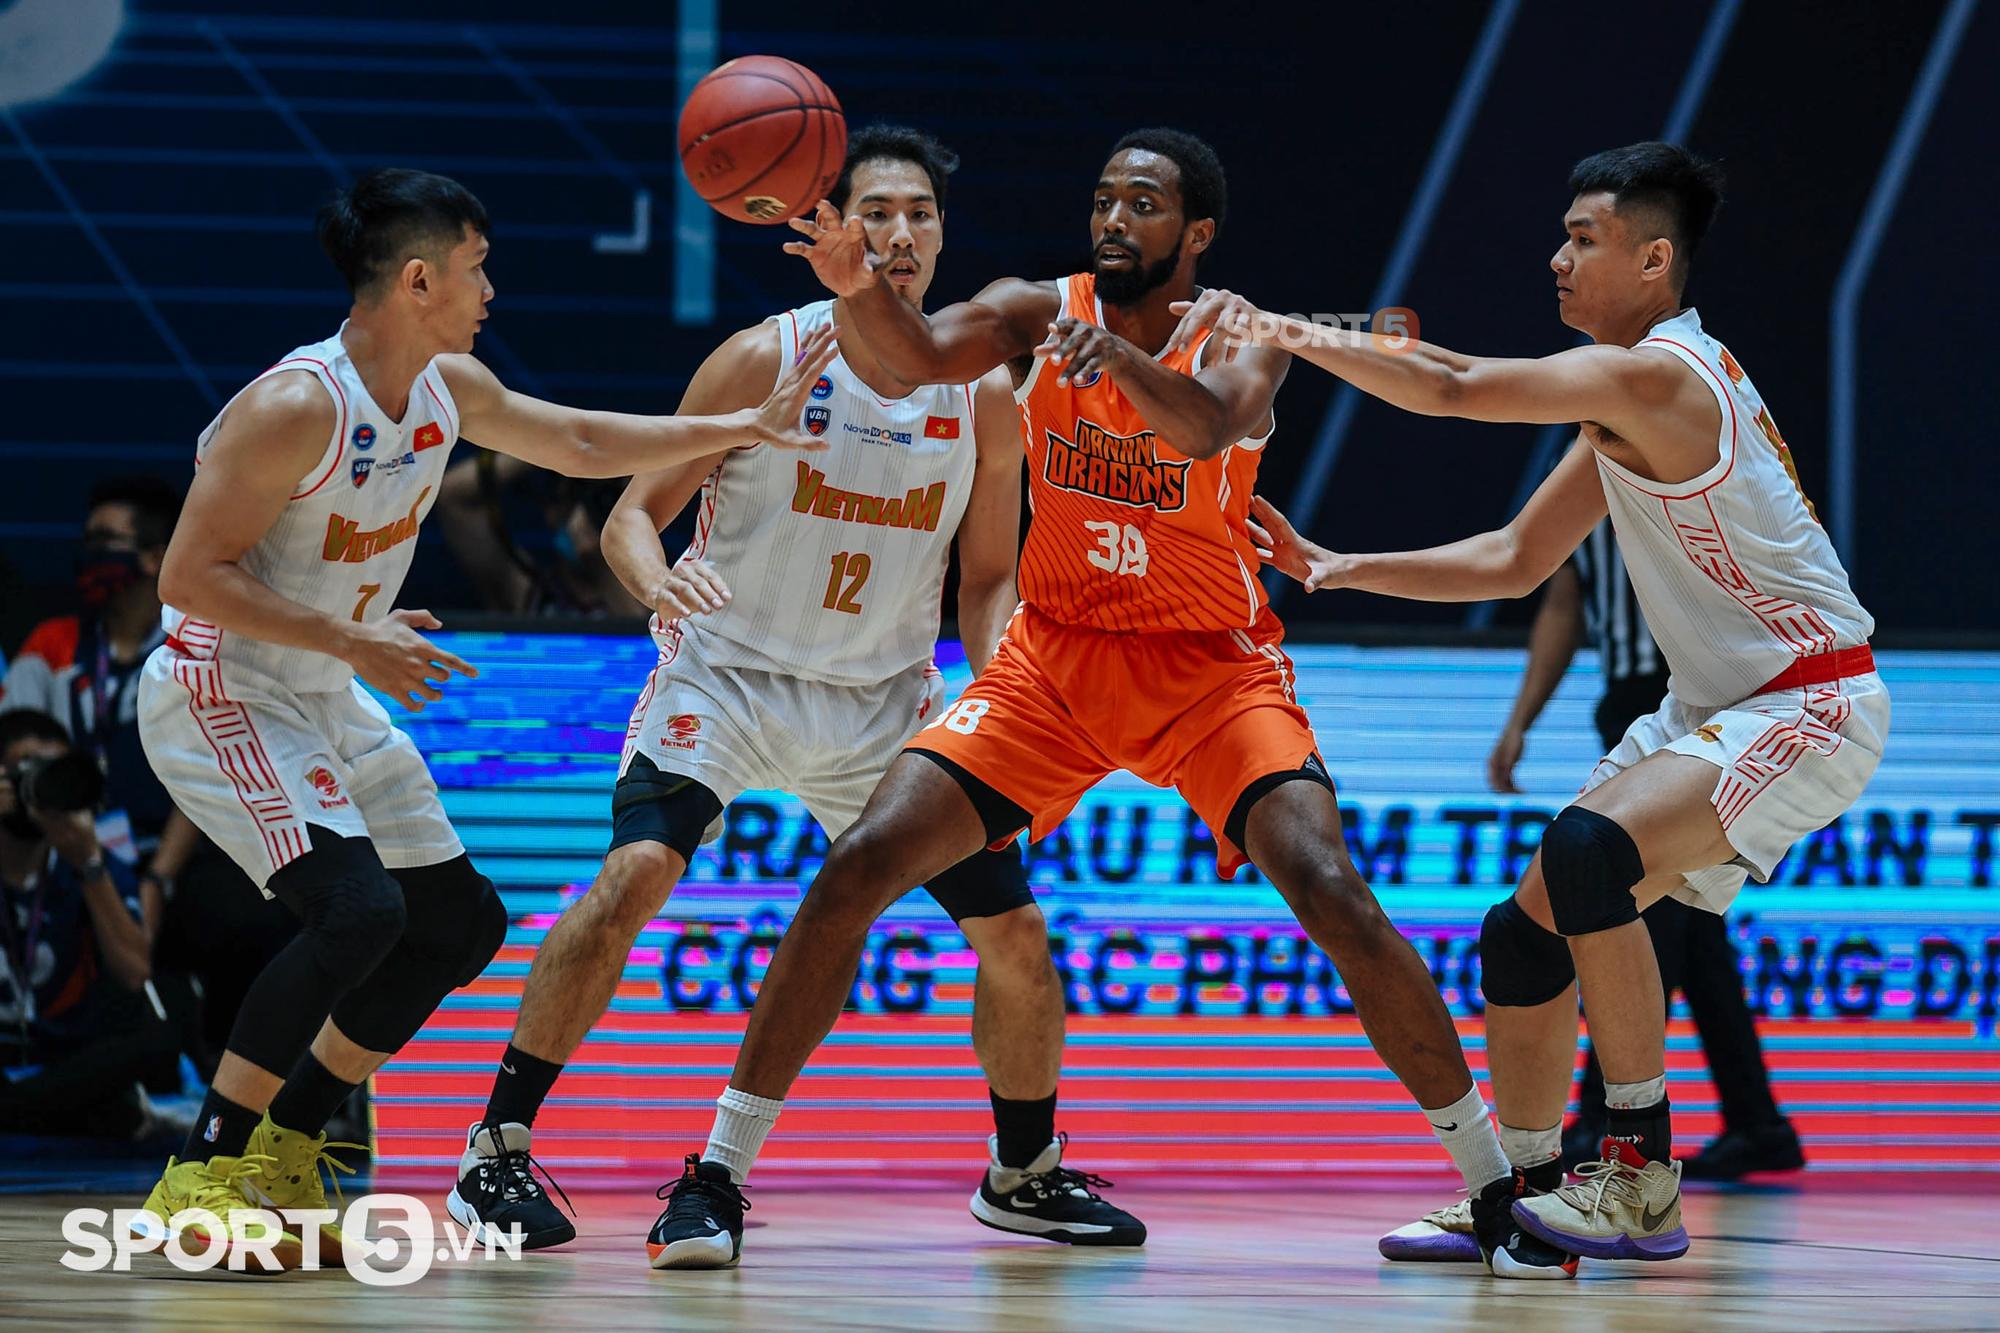 Đội tuyển bóng rổ Quốc gia ra mắt ấn tượng với chiến thắng thuyết phục trước Danang Dragons - Ảnh 3.